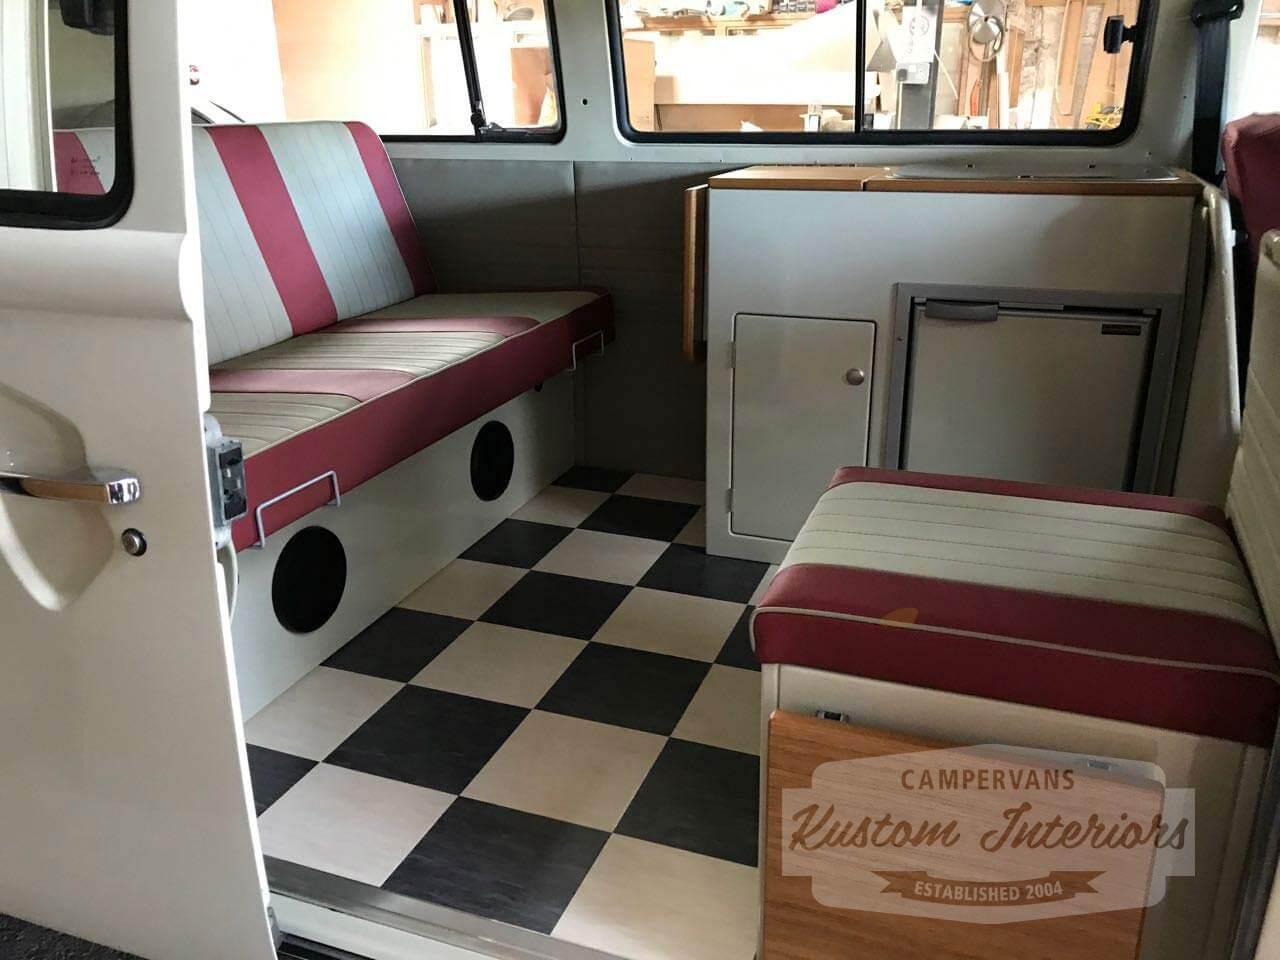 c2e3143b8f T2 Bay Interiors - VW Camper Interiors - Camper Conversions - Kustom ...